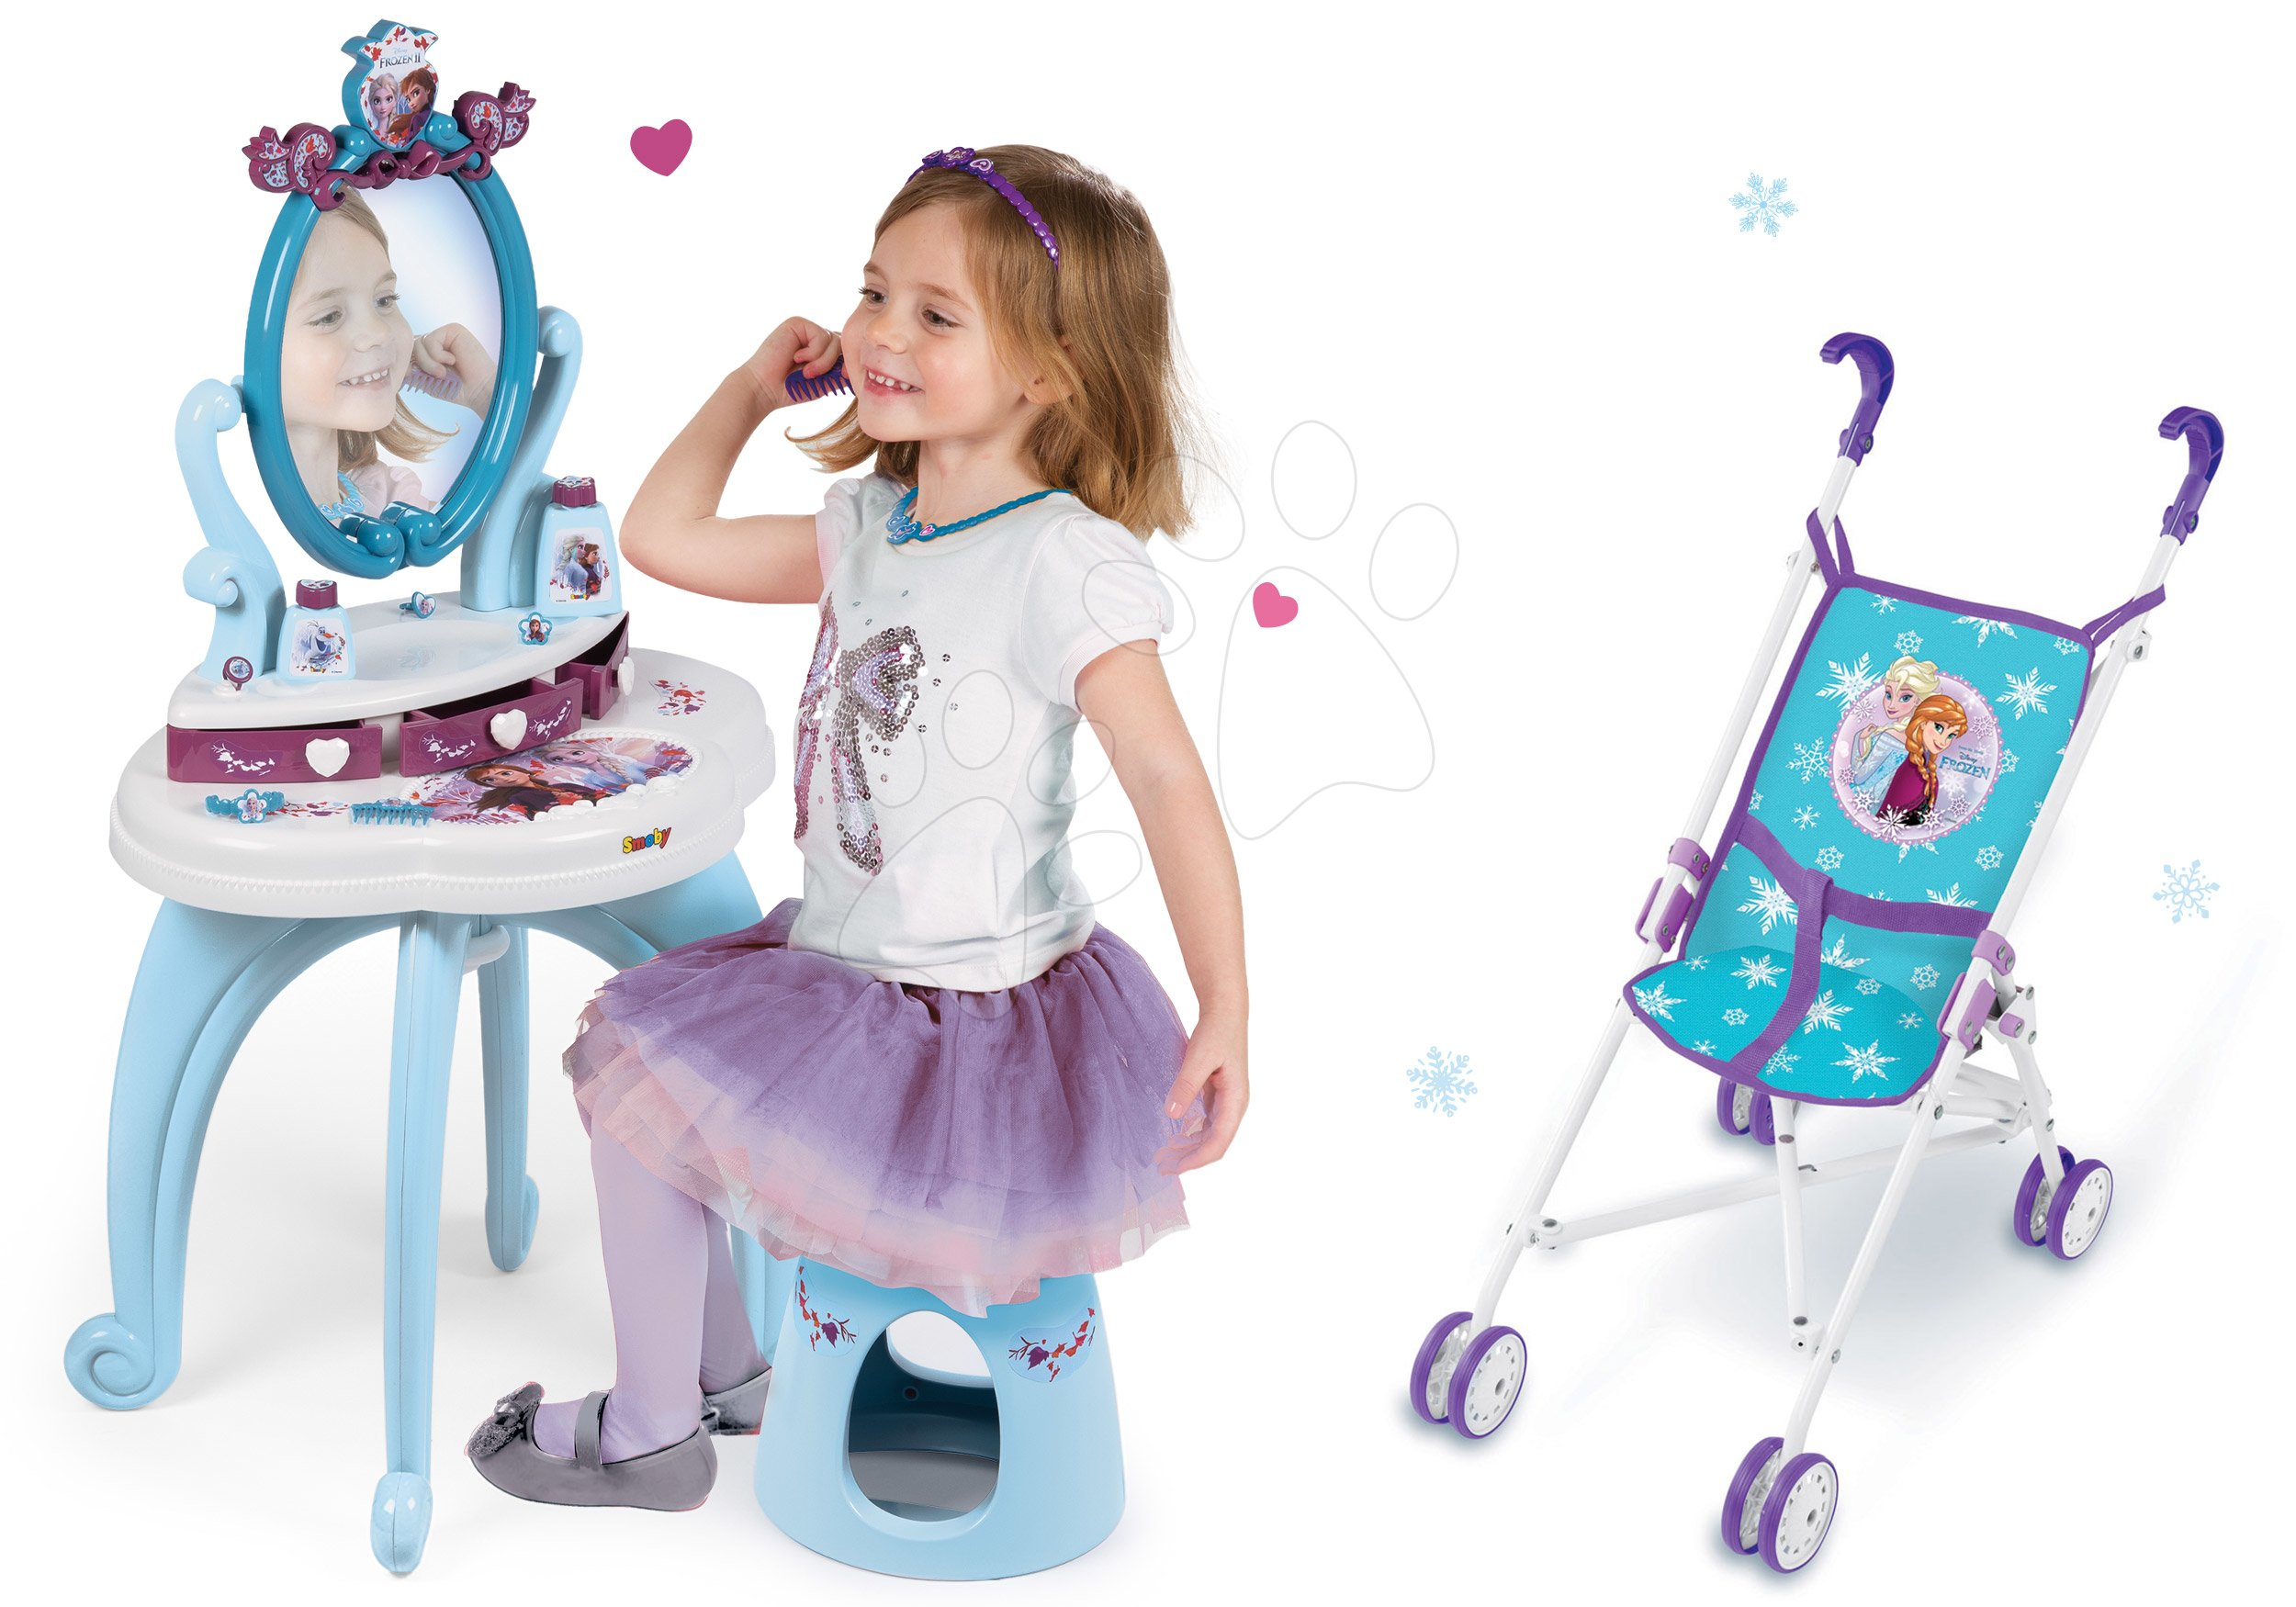 Set kosmetický stolek Frozen Smoby se židlí a skládací kočárek pro panenku Frozen